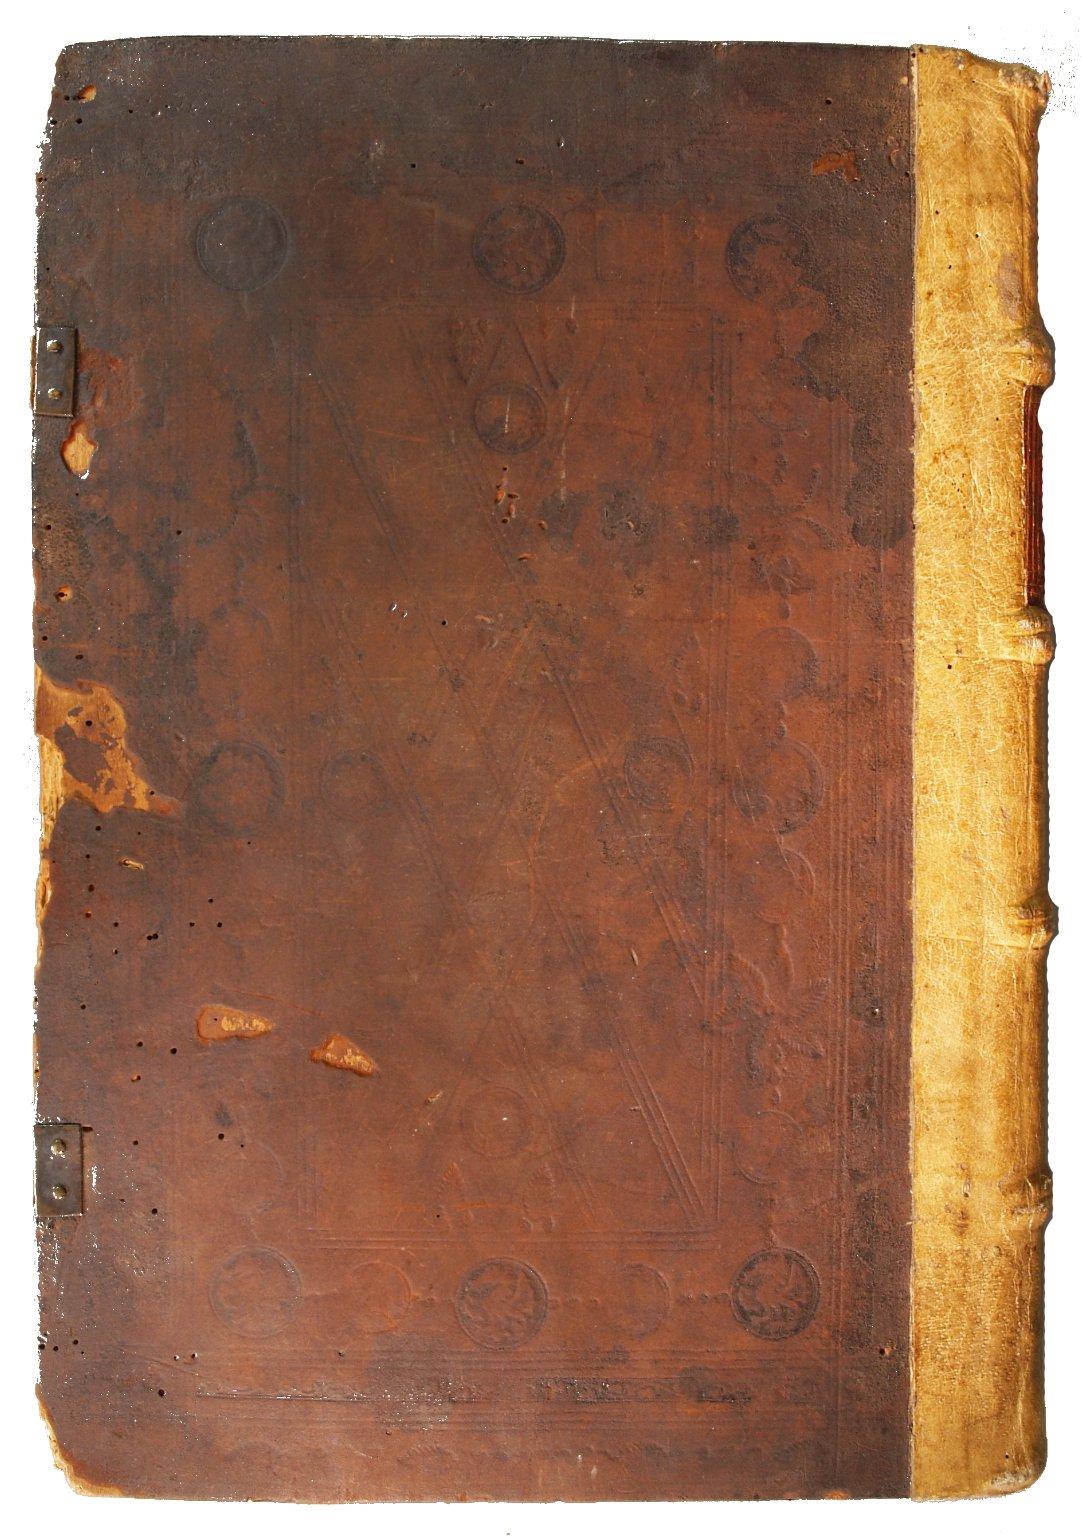 Back cover, INC B688.